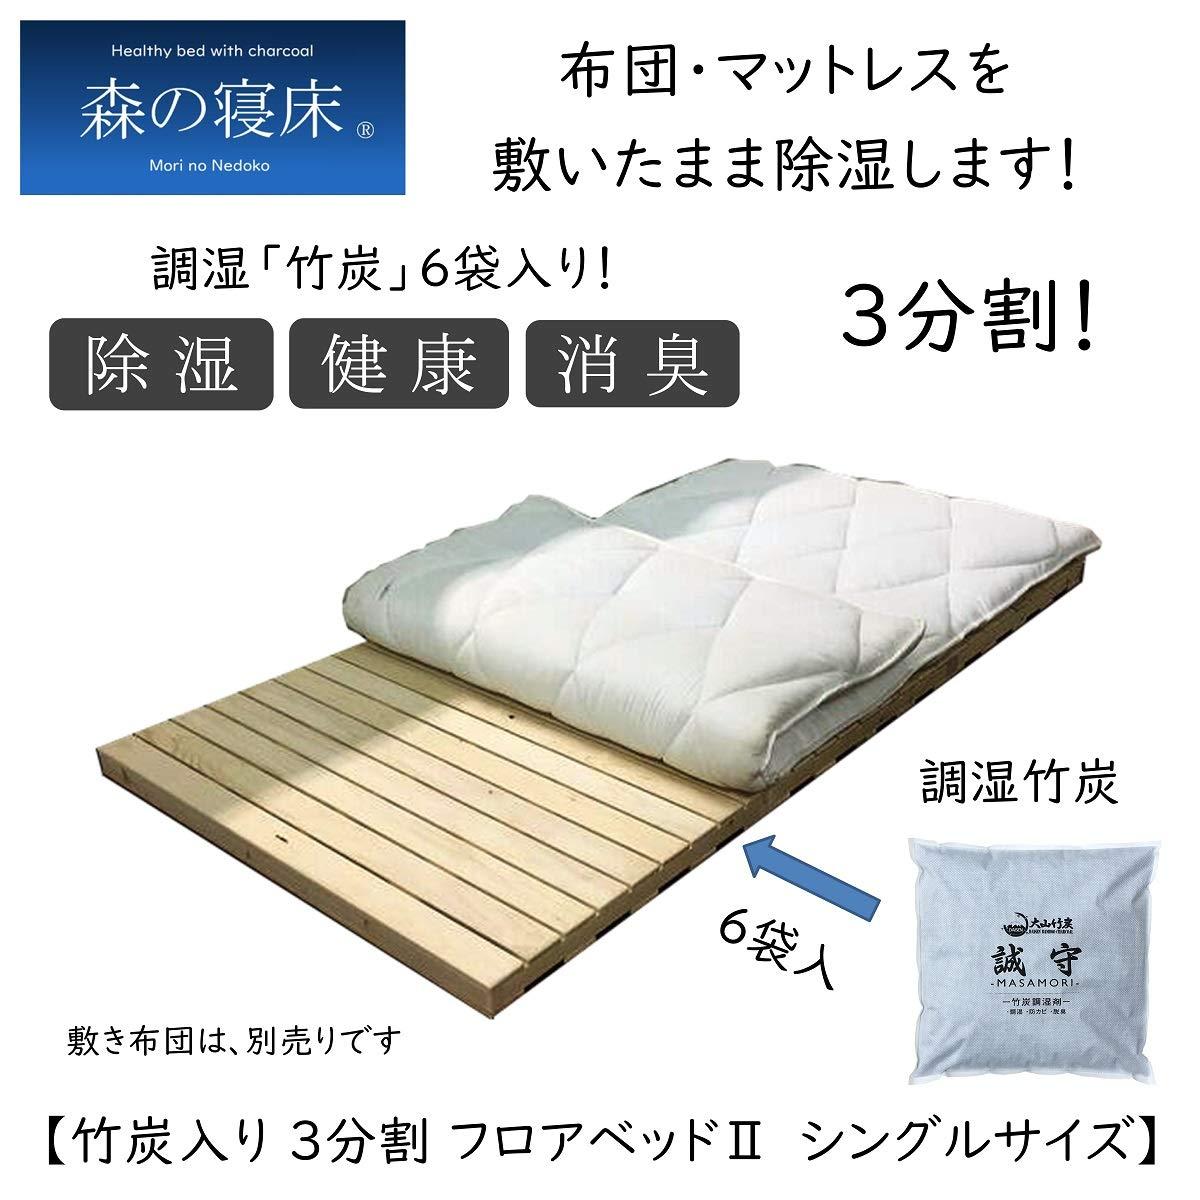 スノコベッド ふとん用 すのこベッド シングル 森の寝床 竹炭入り3分割フロアベッドⅡ 日本製 湿気対策 炭 除湿 脱臭 健康 片付け簡単 B07T587828